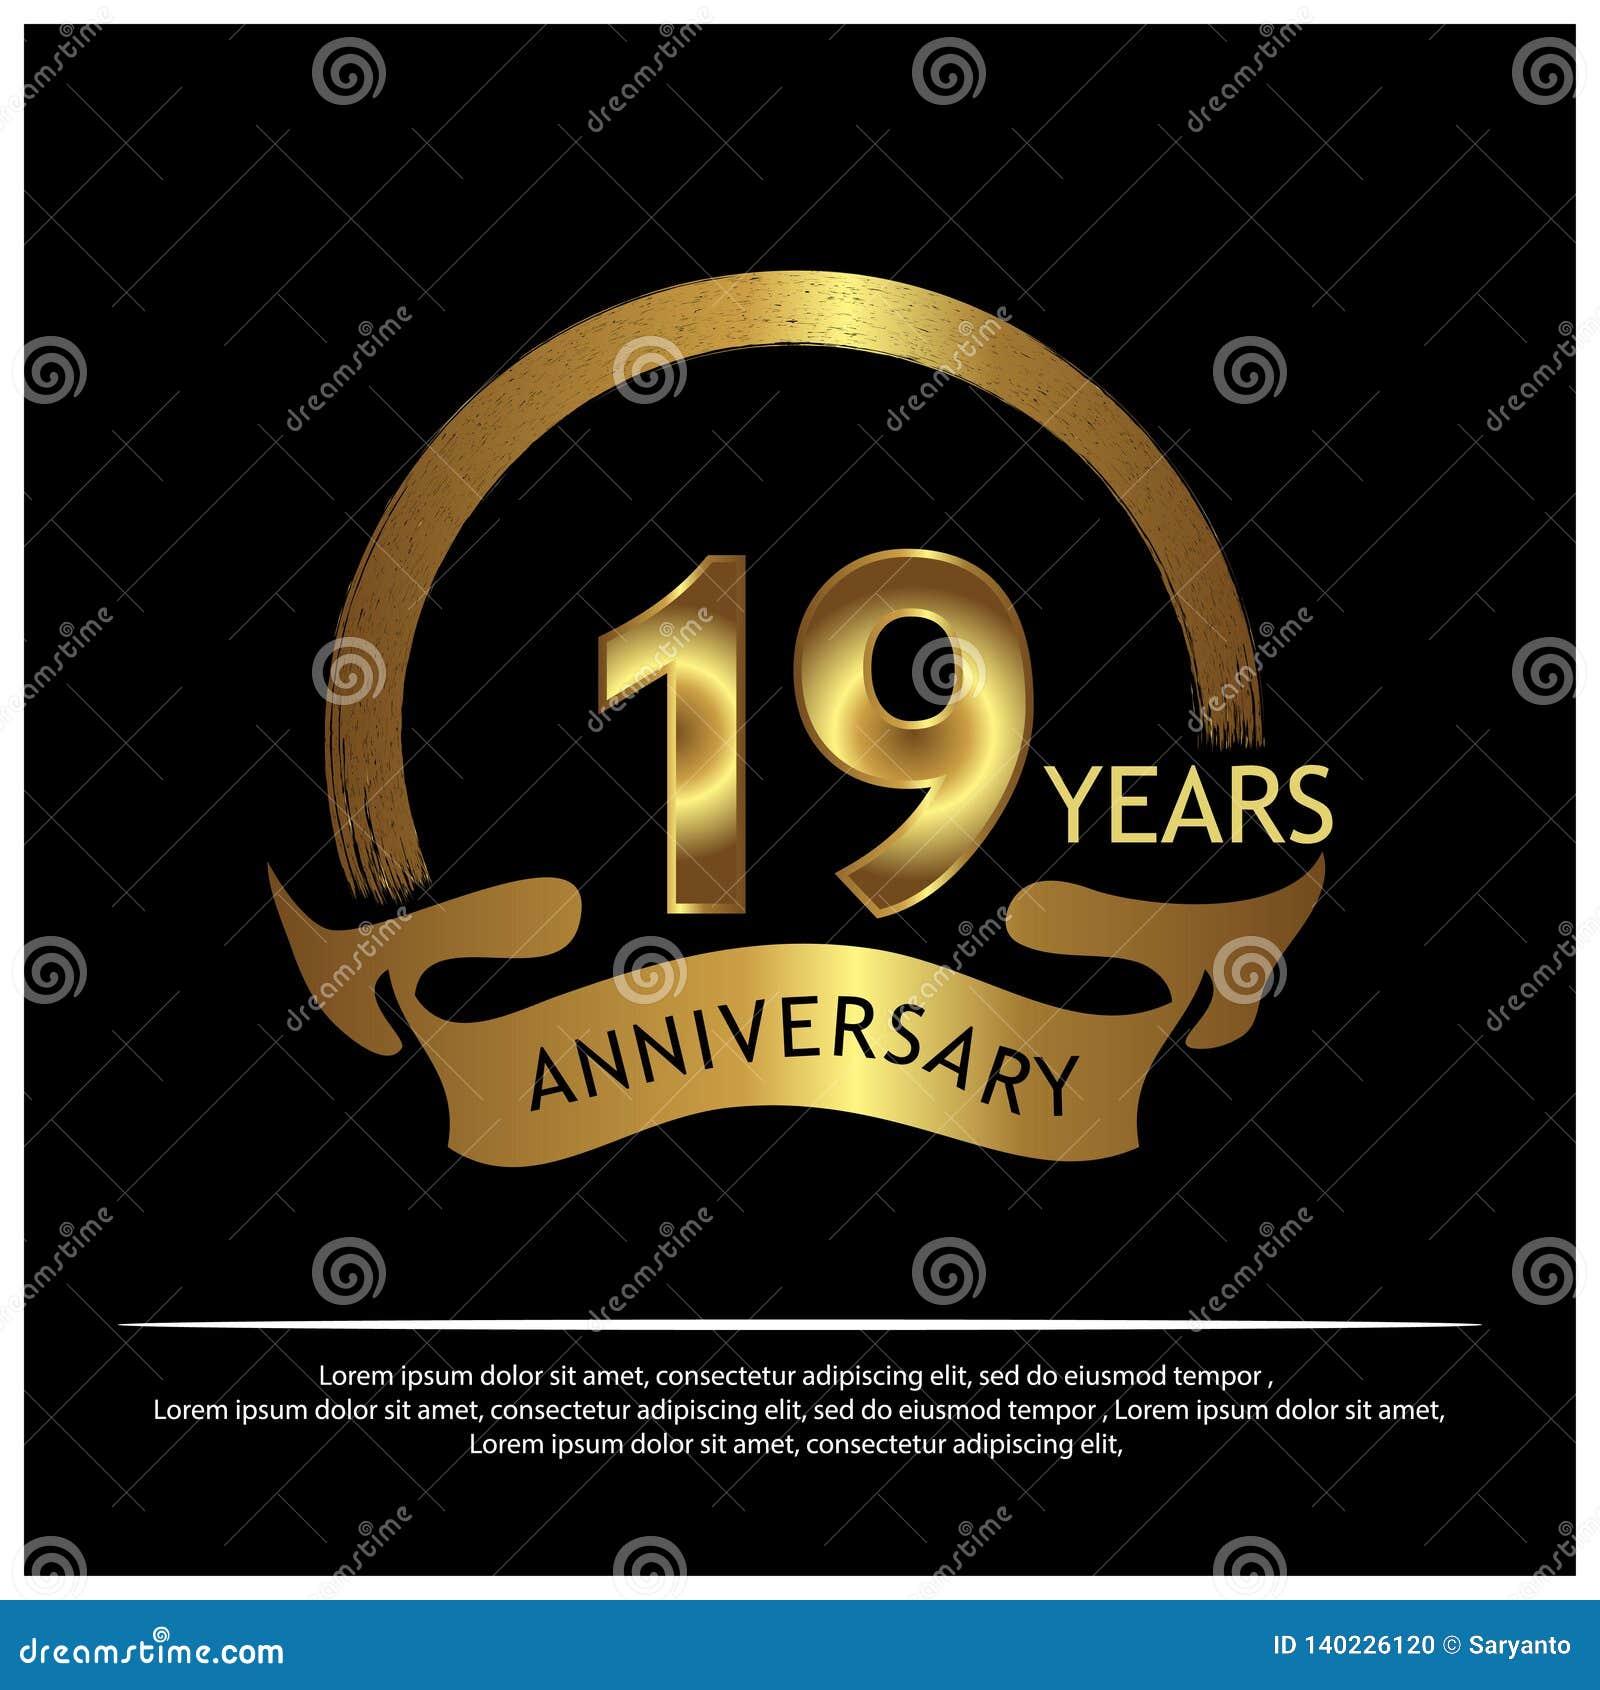 Dezenove anos de aniversário dourado projeto do molde do aniversário para a Web, jogo, cartaz criativo, brochura, folheto, inseto